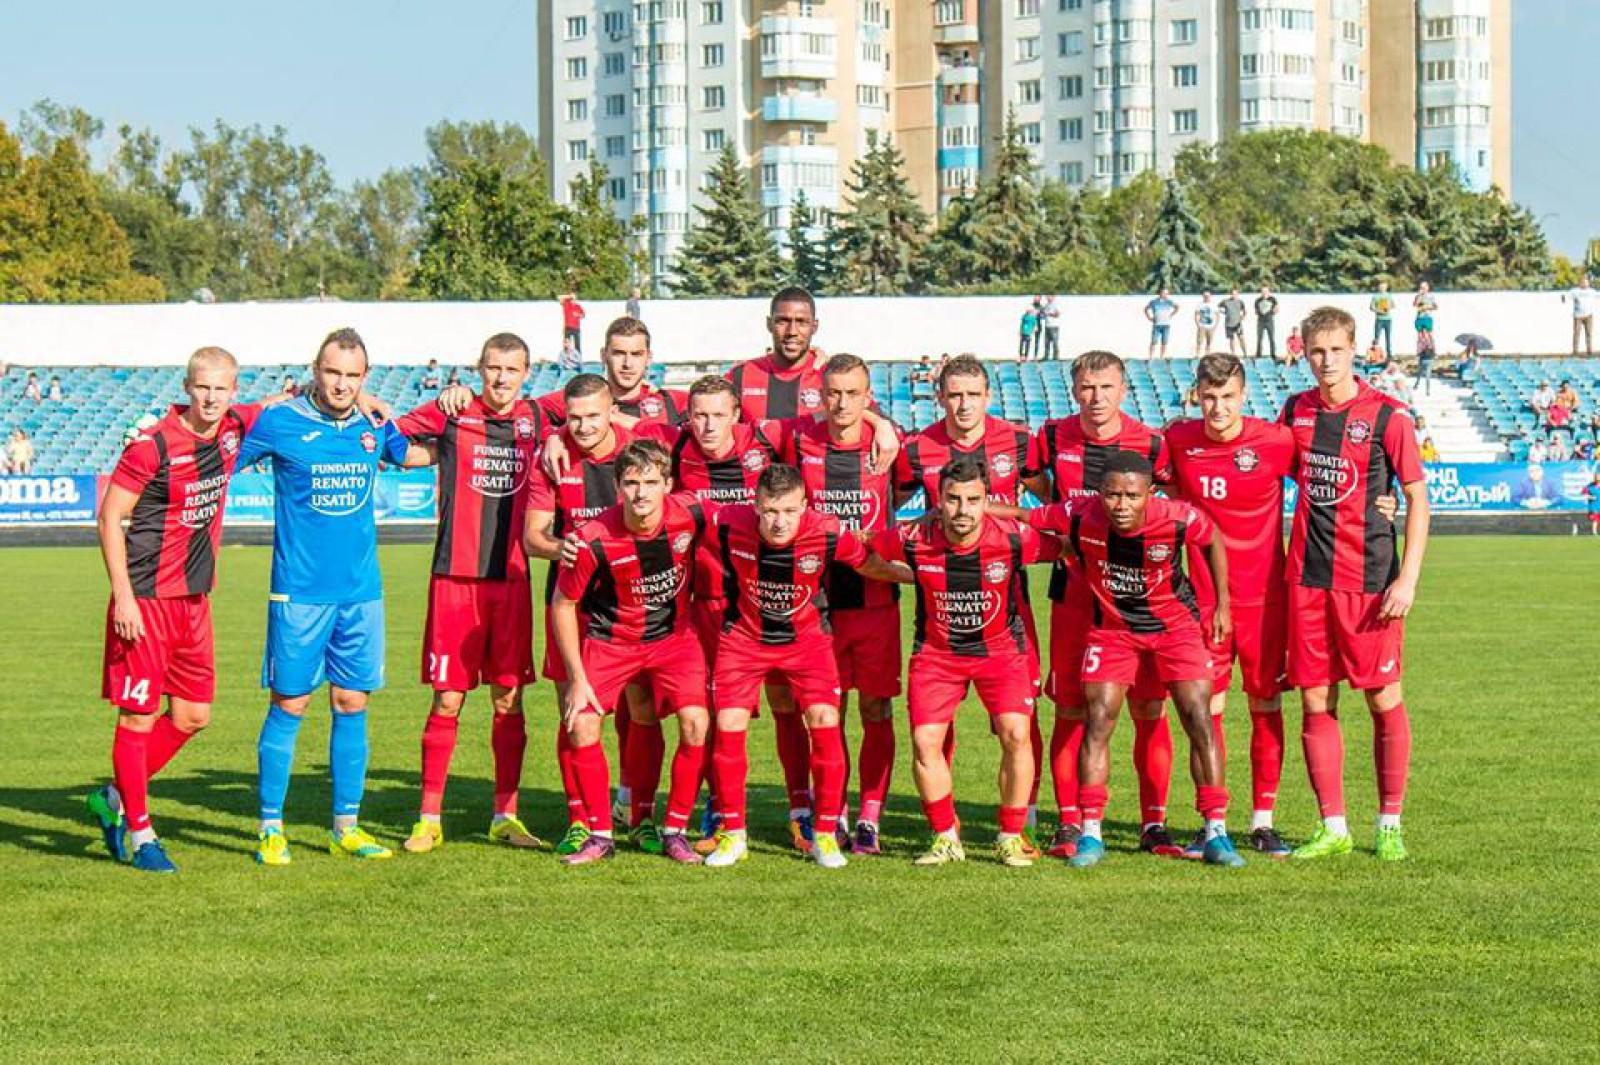 Va fi fotbal la Bălți? Conducerea echipei Zaria a reziliat contractele cu toți fotbaliștii săi